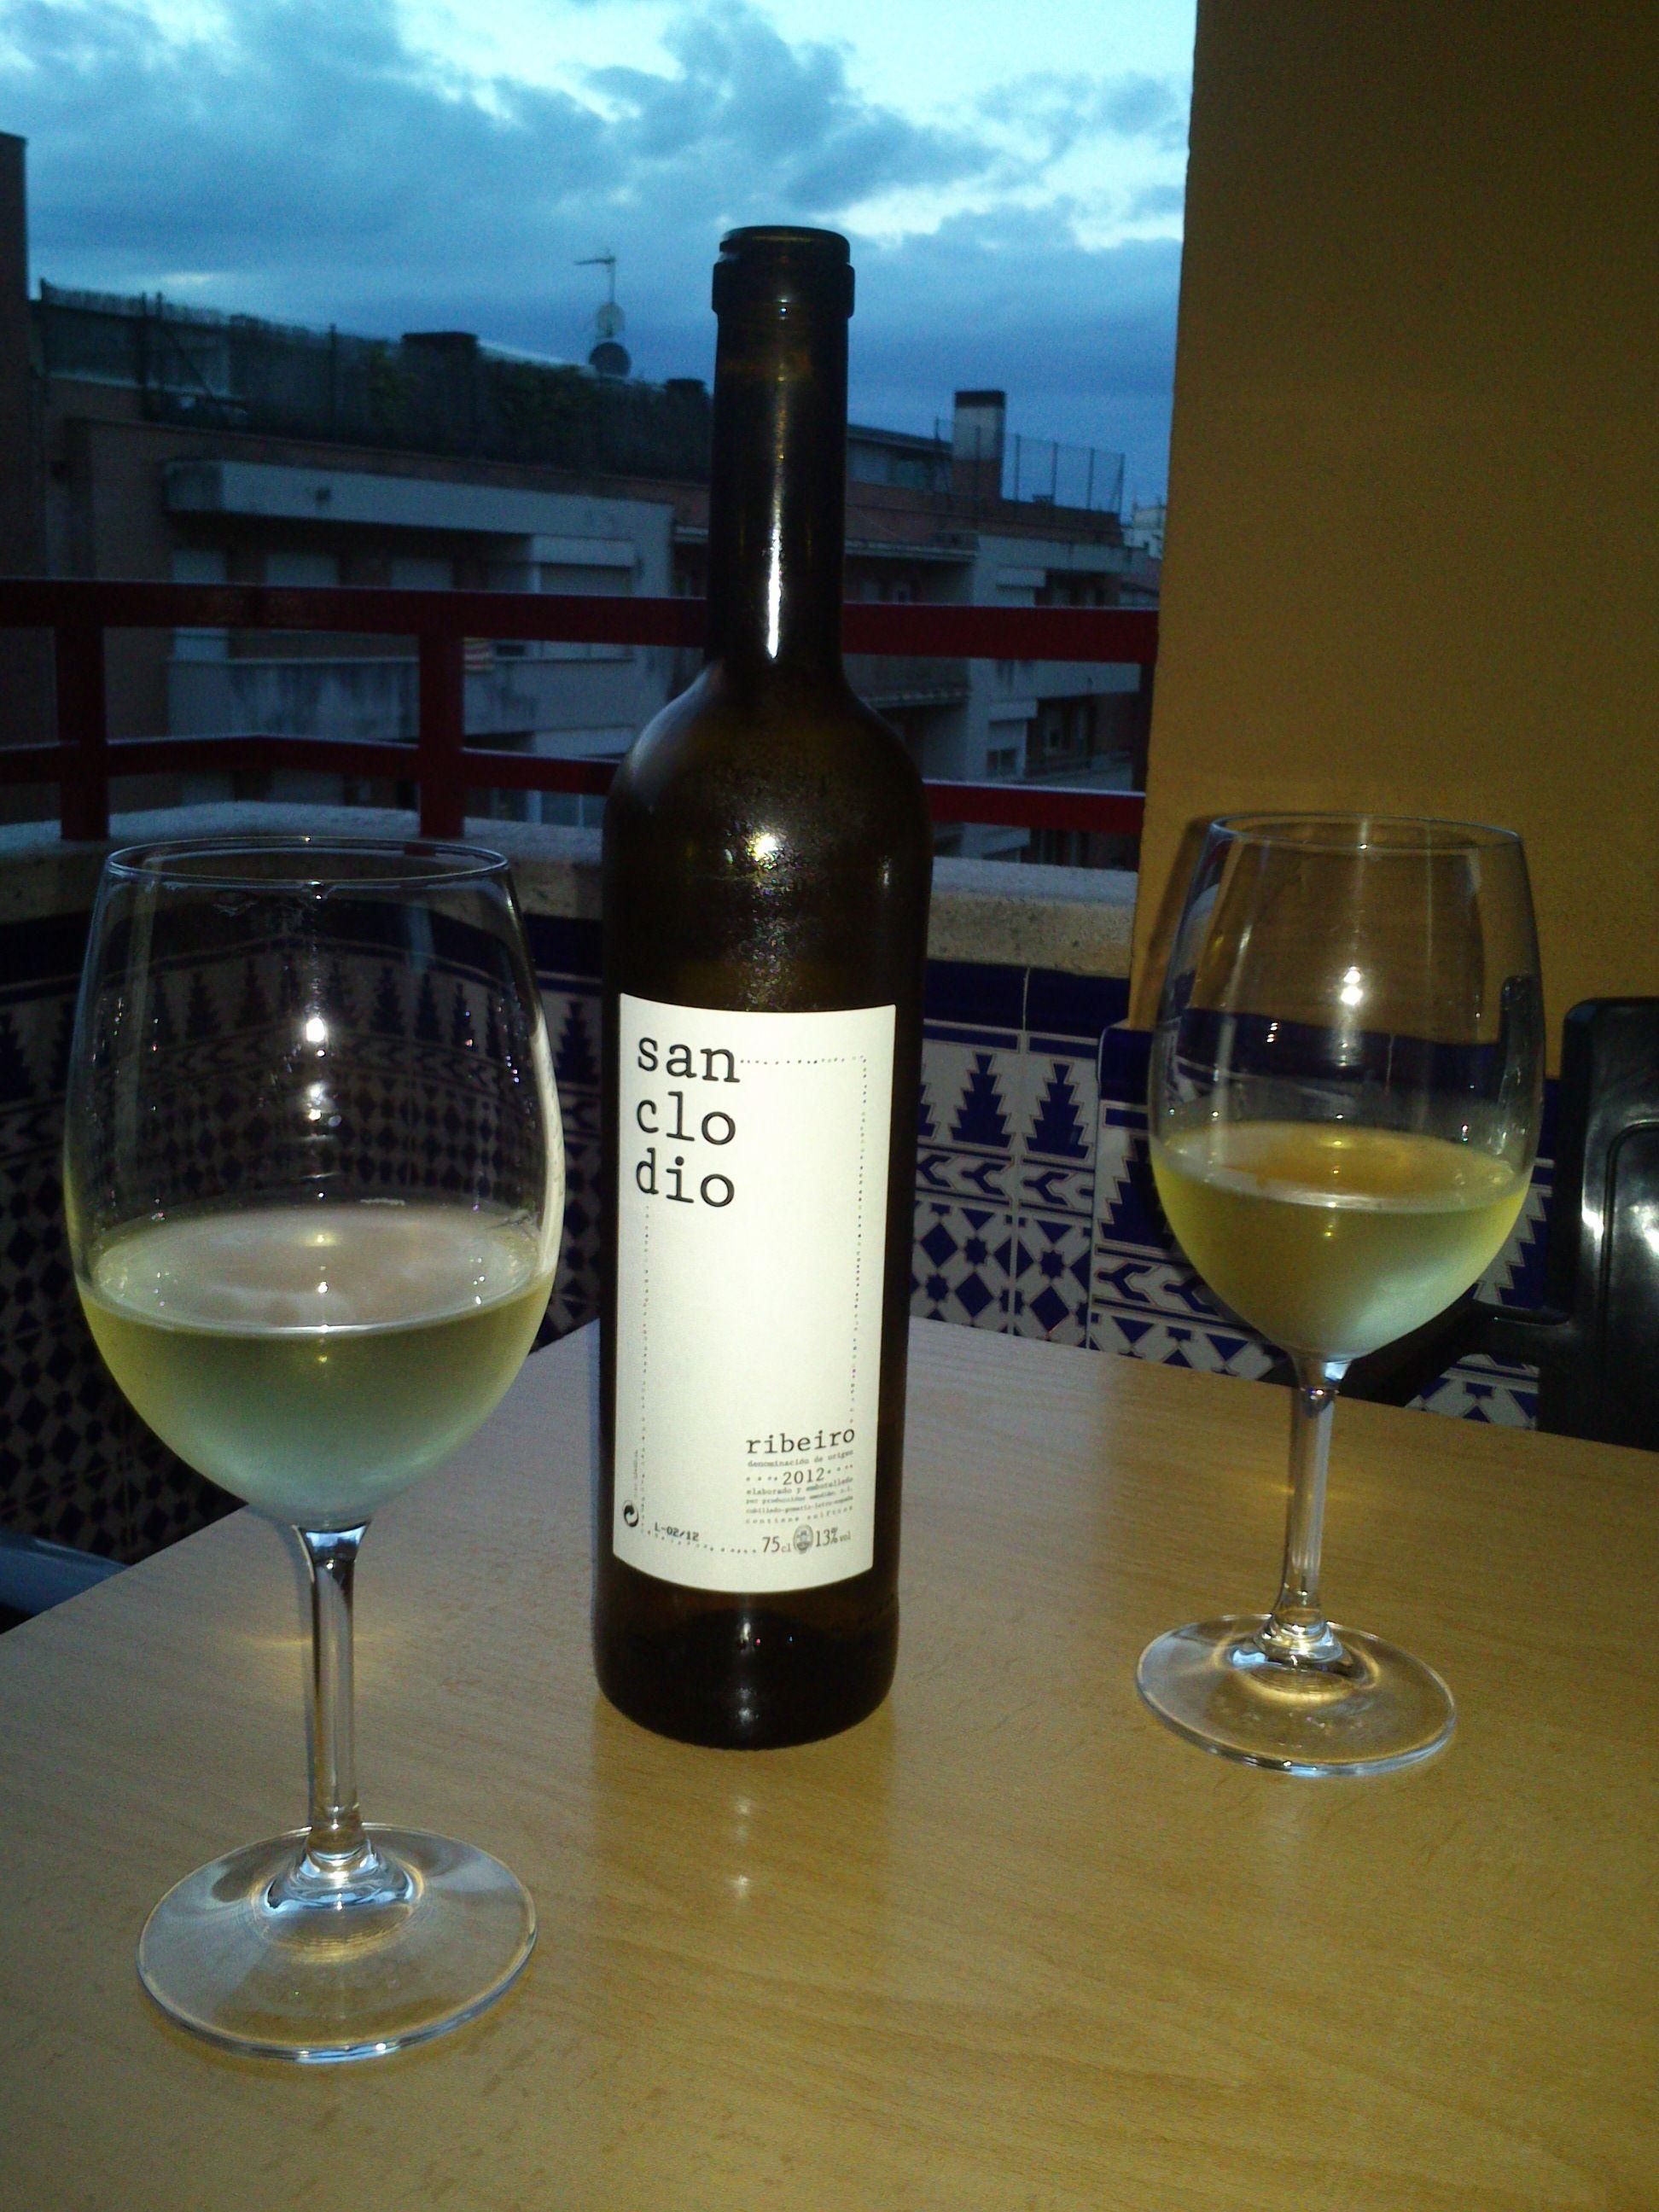 Sanclodio 2012 Vinos Cosecha Vino